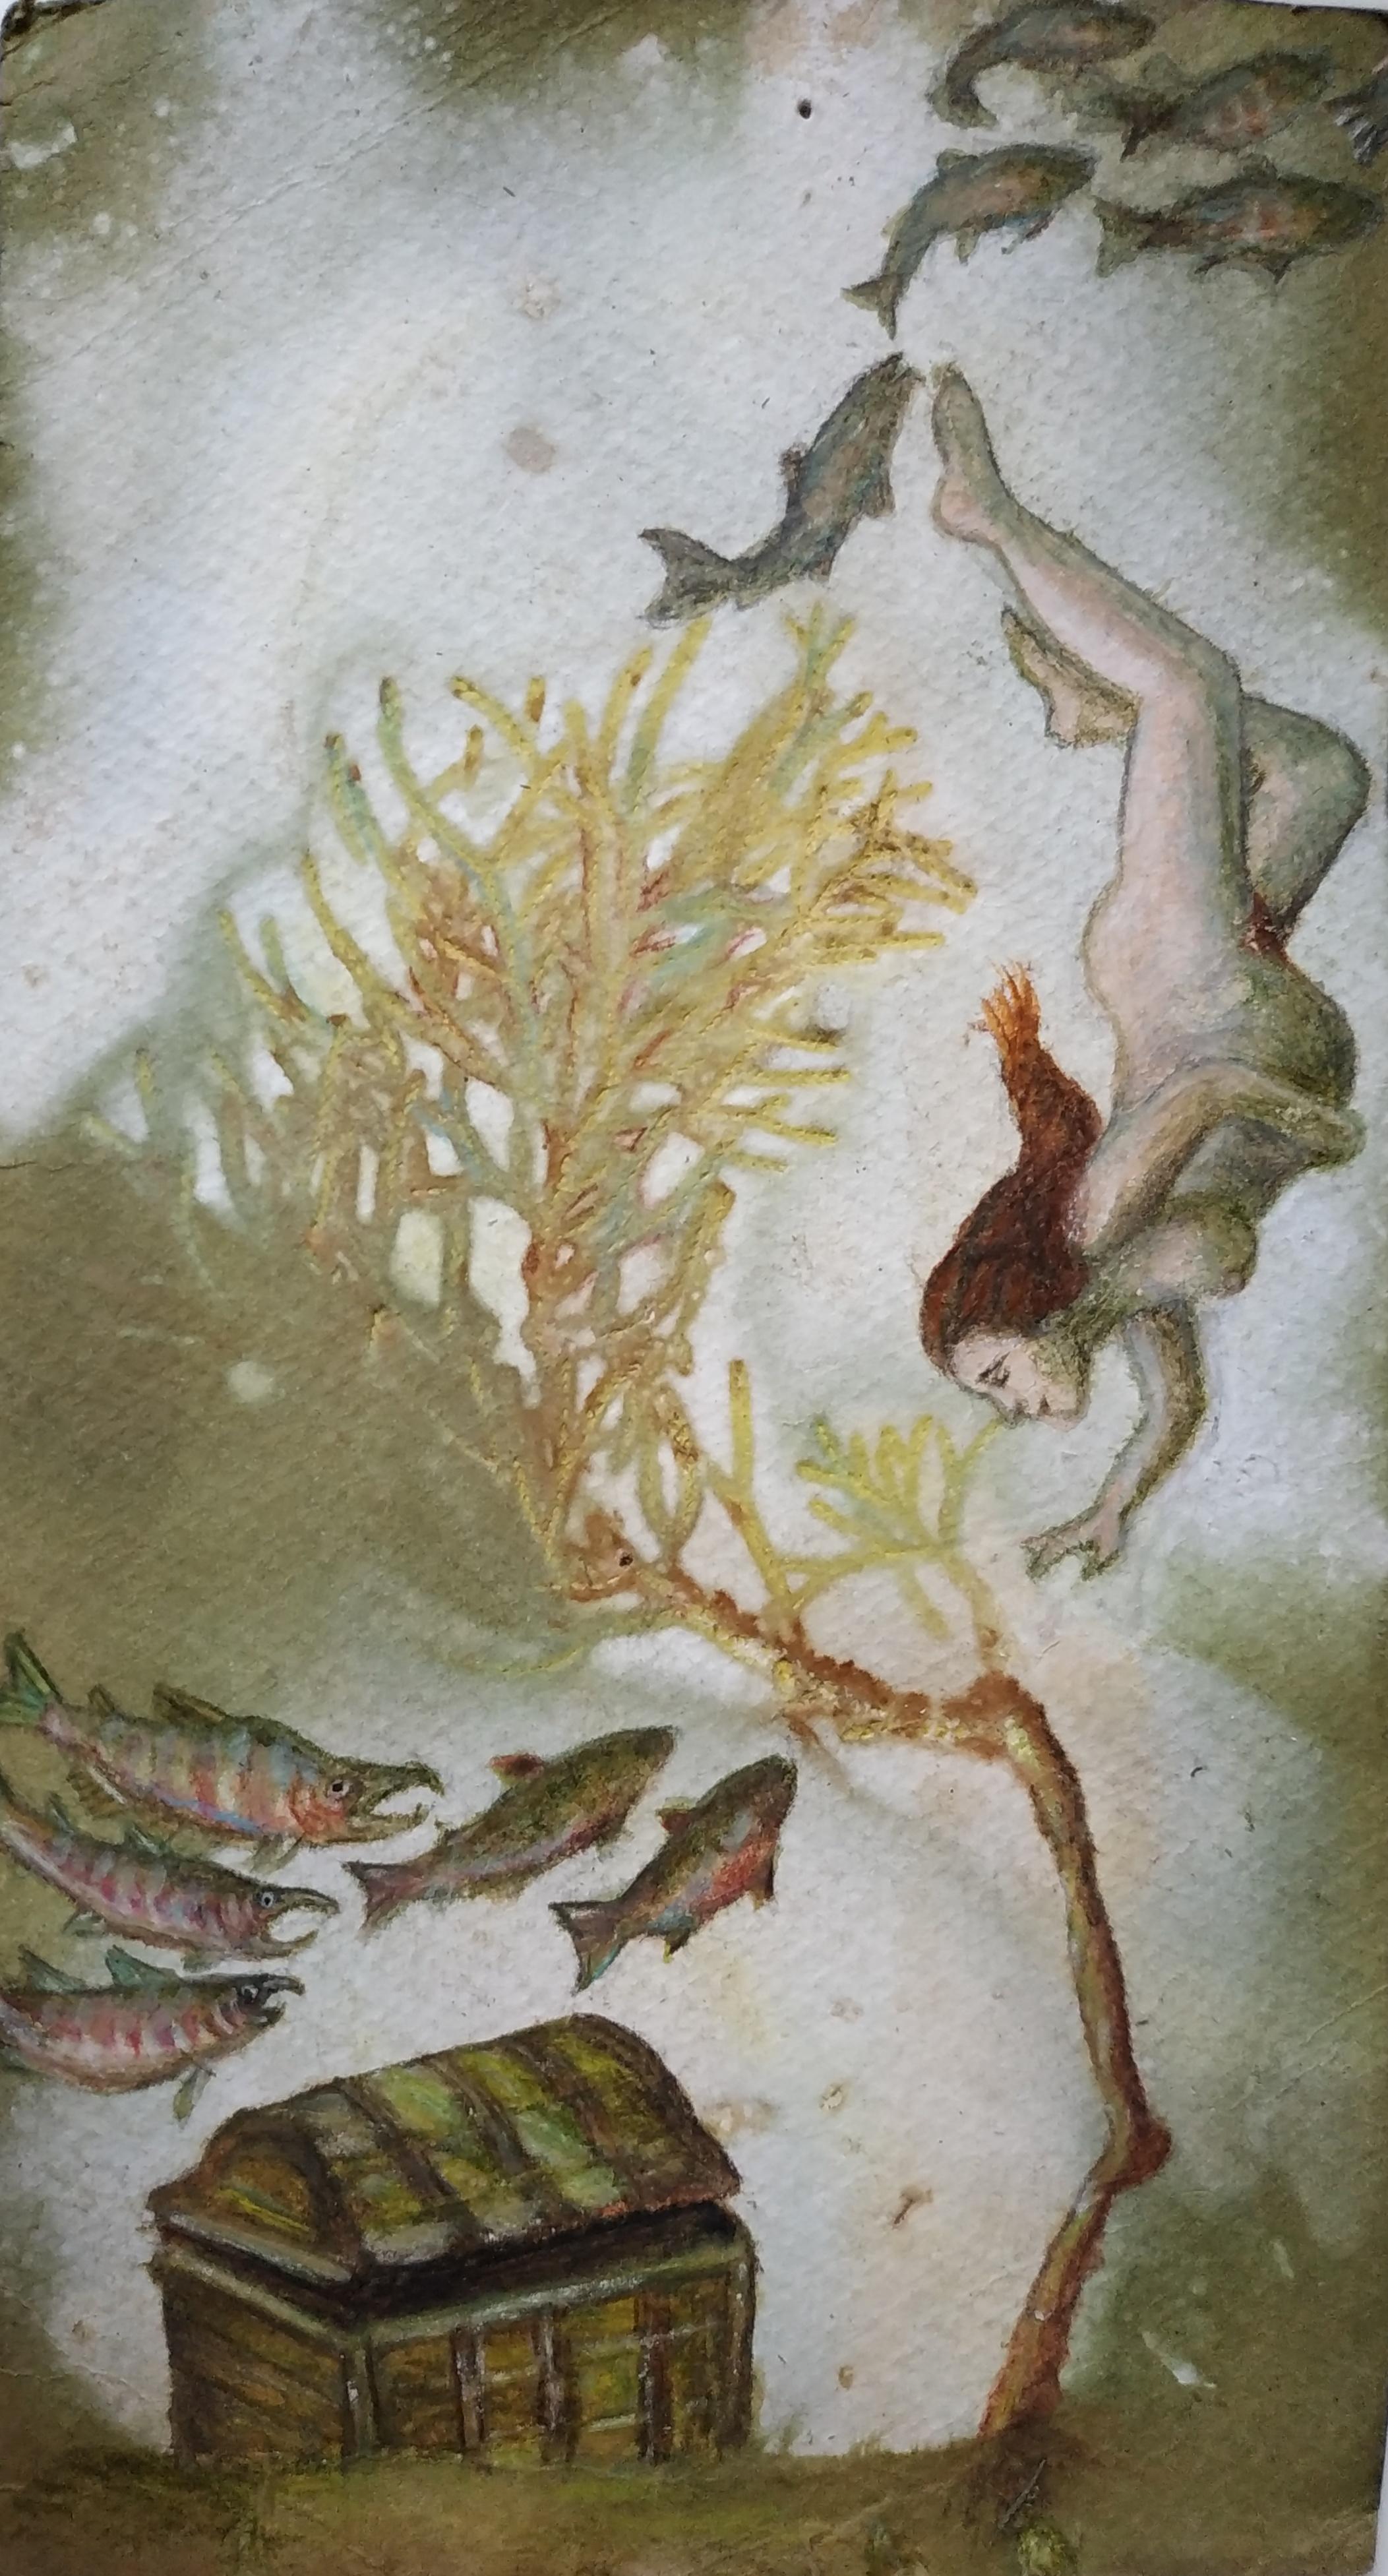 ציור על הדפס בוטאני